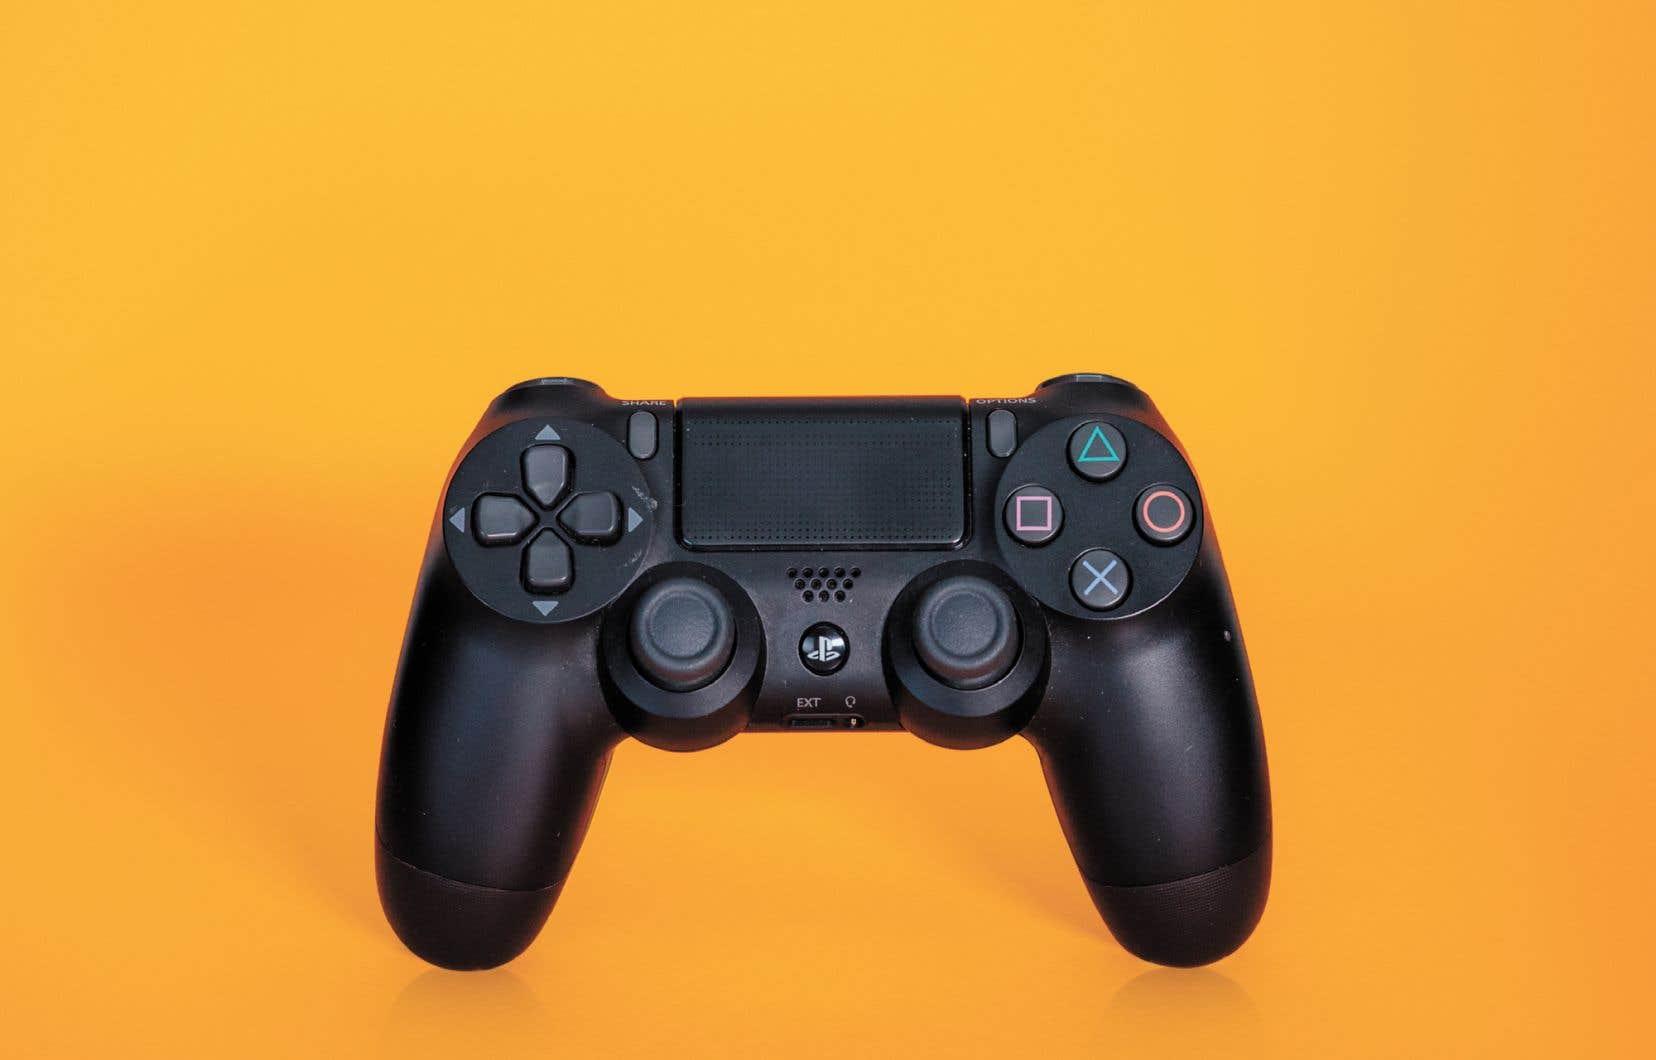 Le harcèlement en ligne, qui vise très souvent les femmes sur tous les sujets et dans tous les secteurs d'activité, affecte aussi le milieu du jeu vidéo.